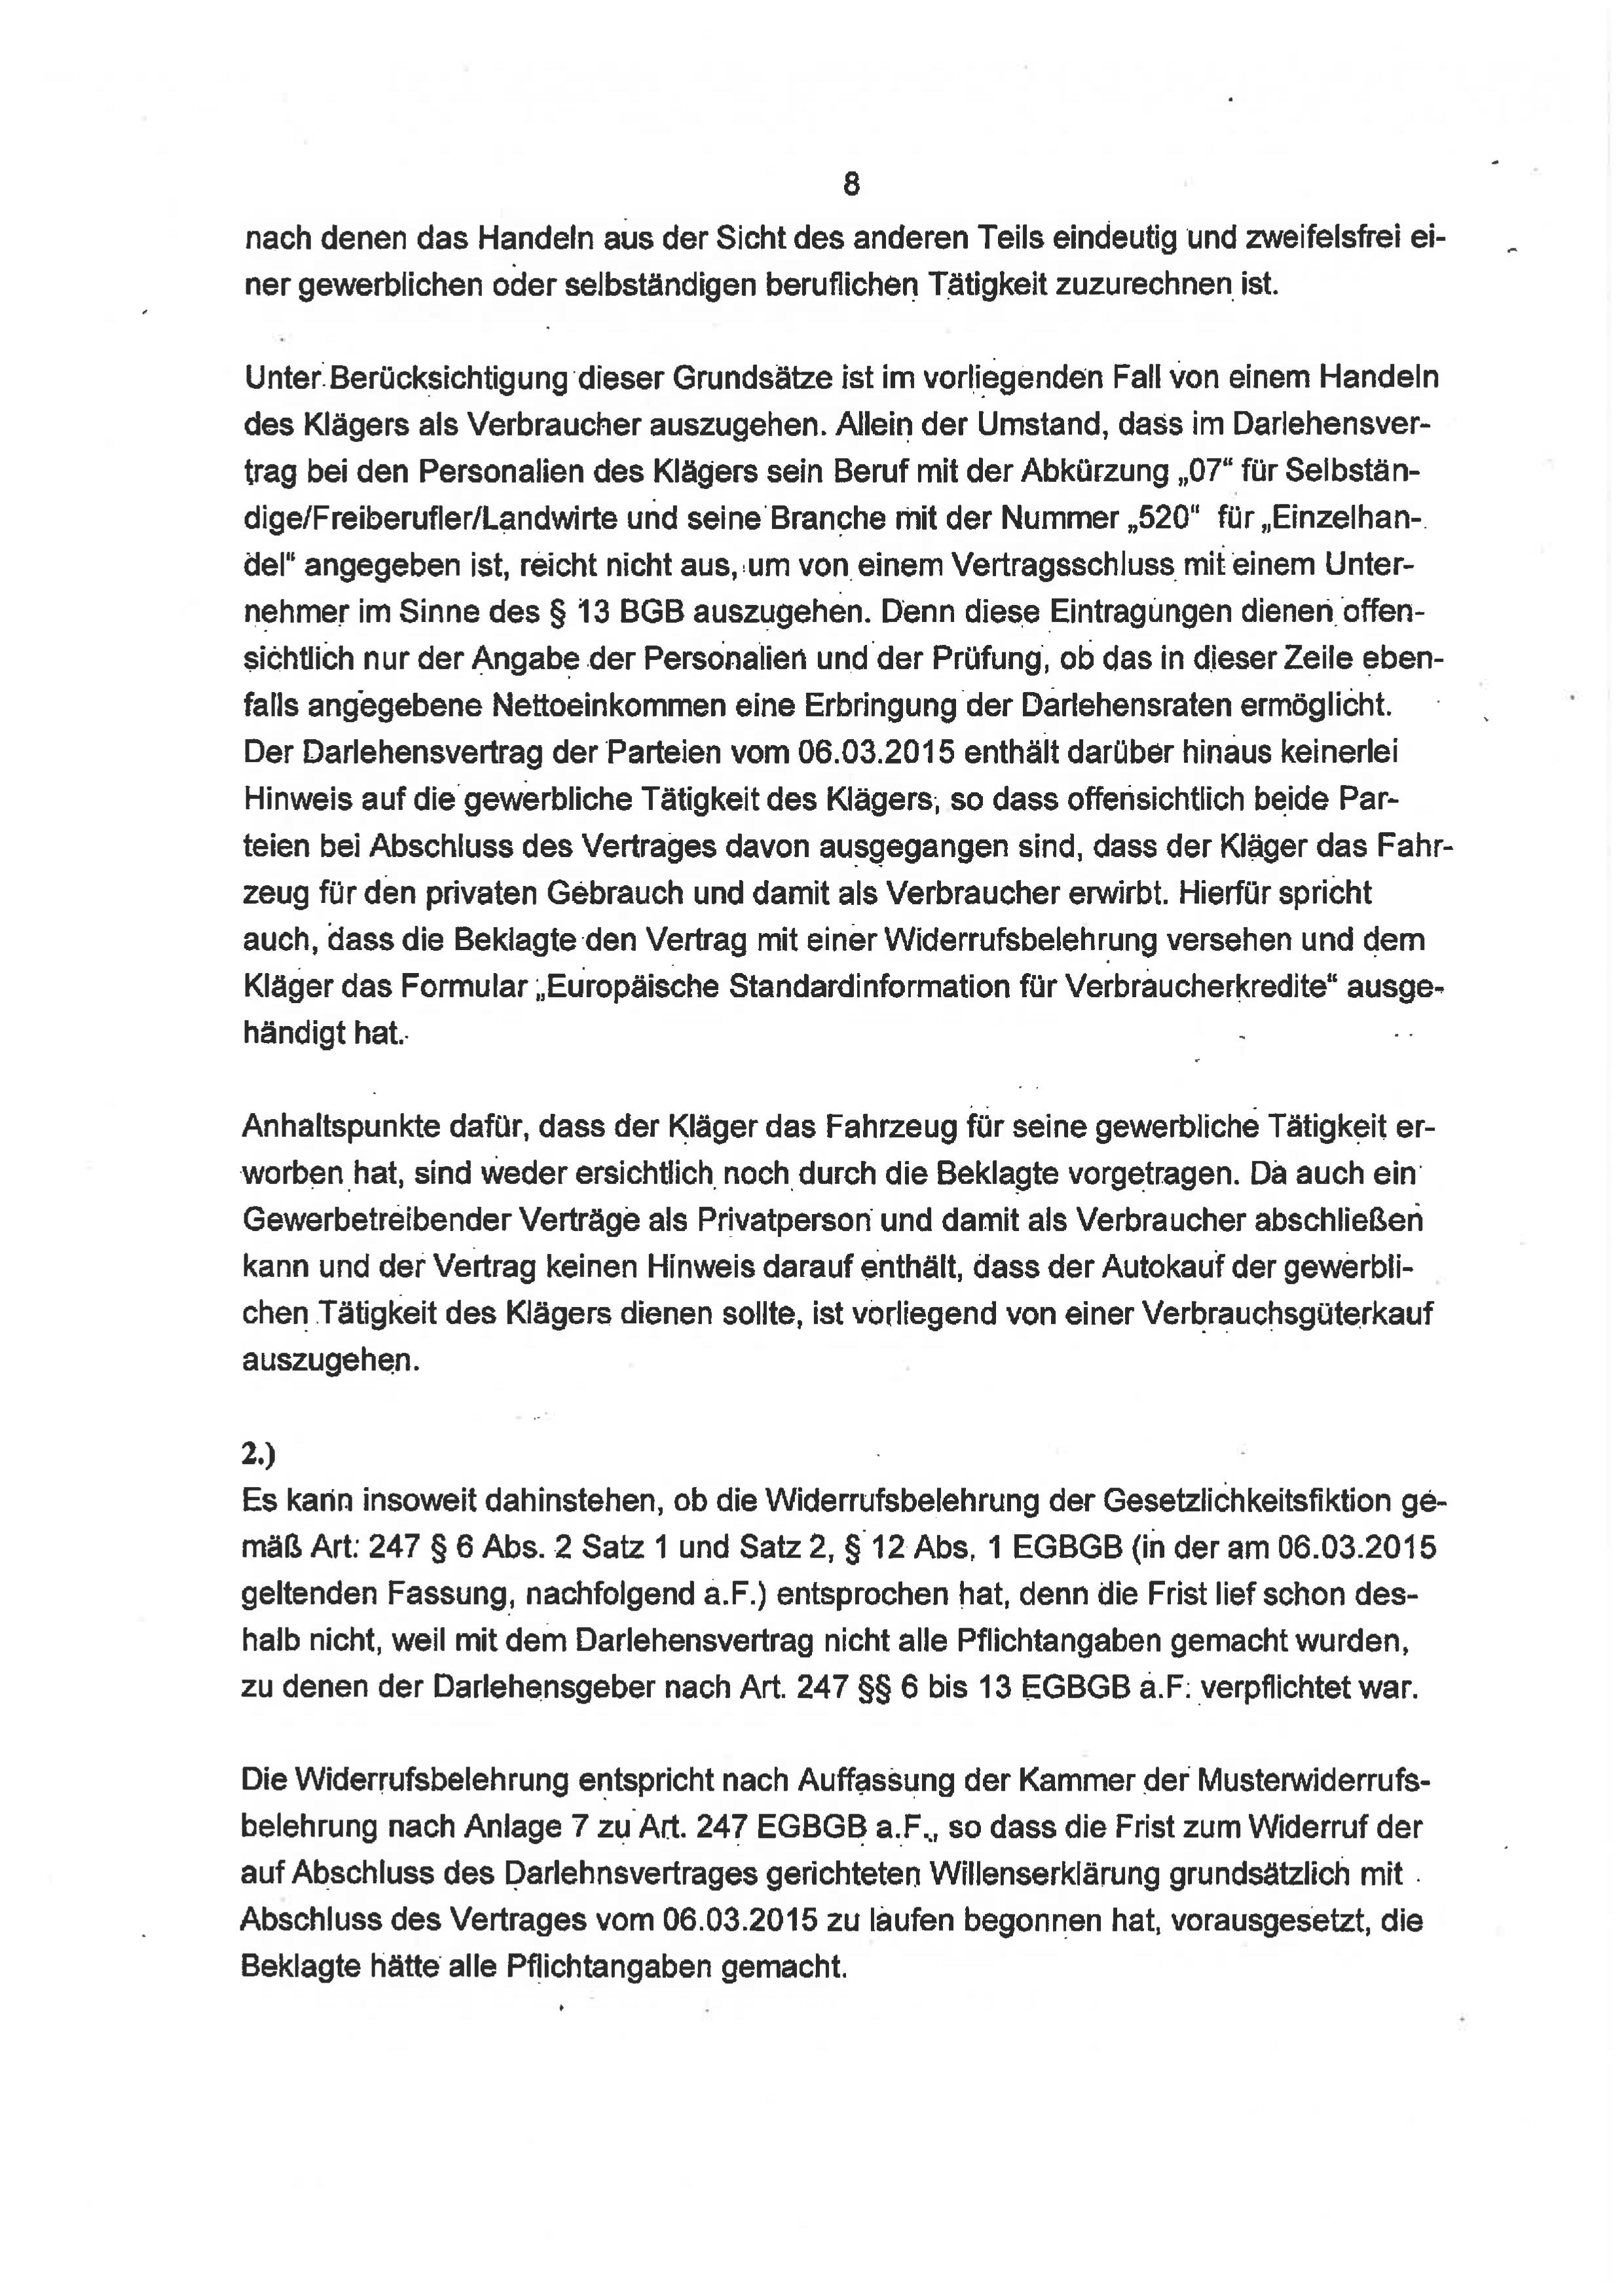 Seite 8 des Urteils 4 O 46/18 zum Widerruf Autokredit